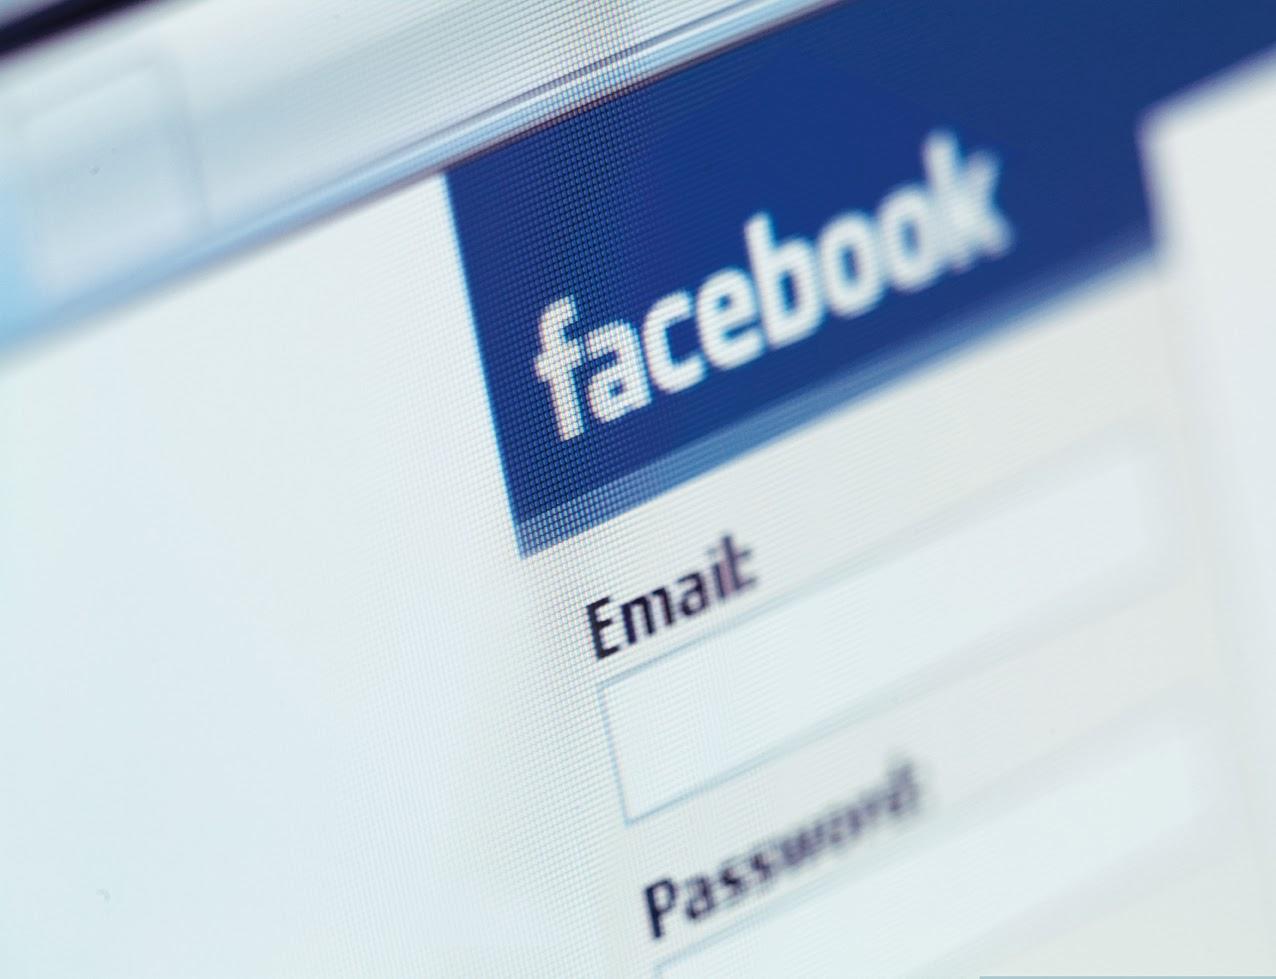 صورة كيف تسوي حساب , طريقة عمل حساب علي الفيس بوك